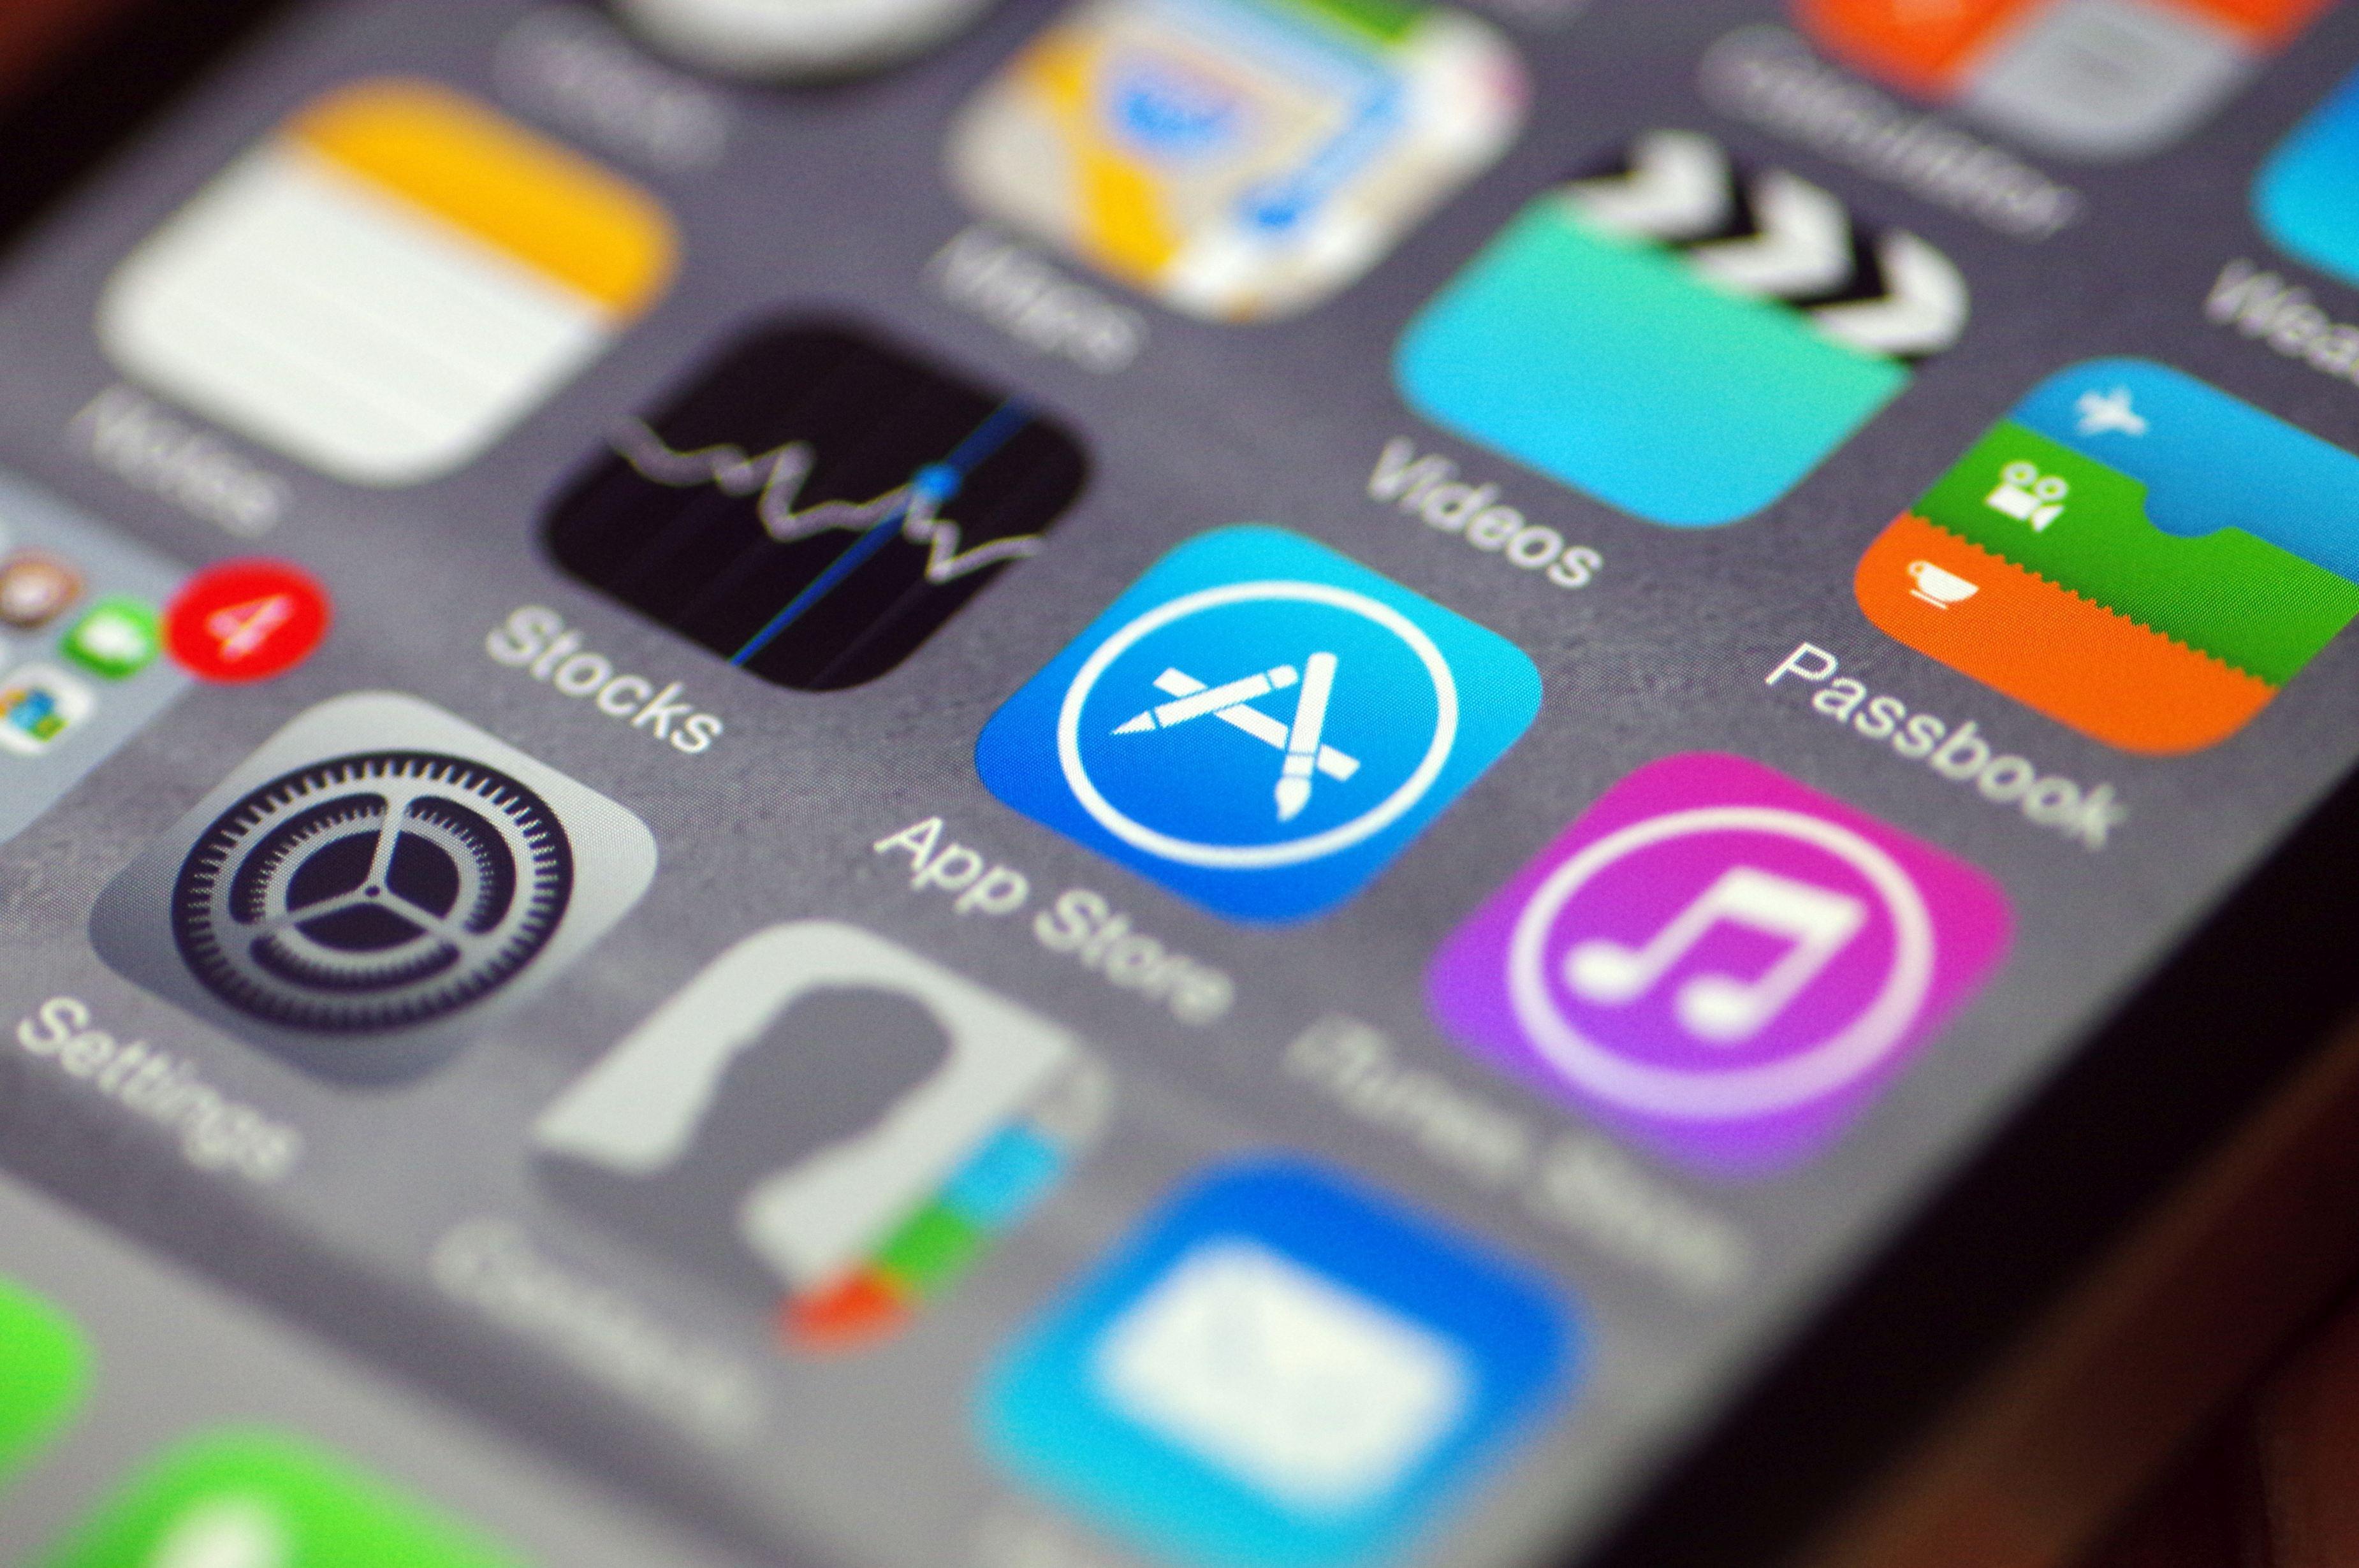 Apple confirmă încetinirea funcţiilor unor modele de iPhone/ Ce explicaţii dau reprezentanţii companiei